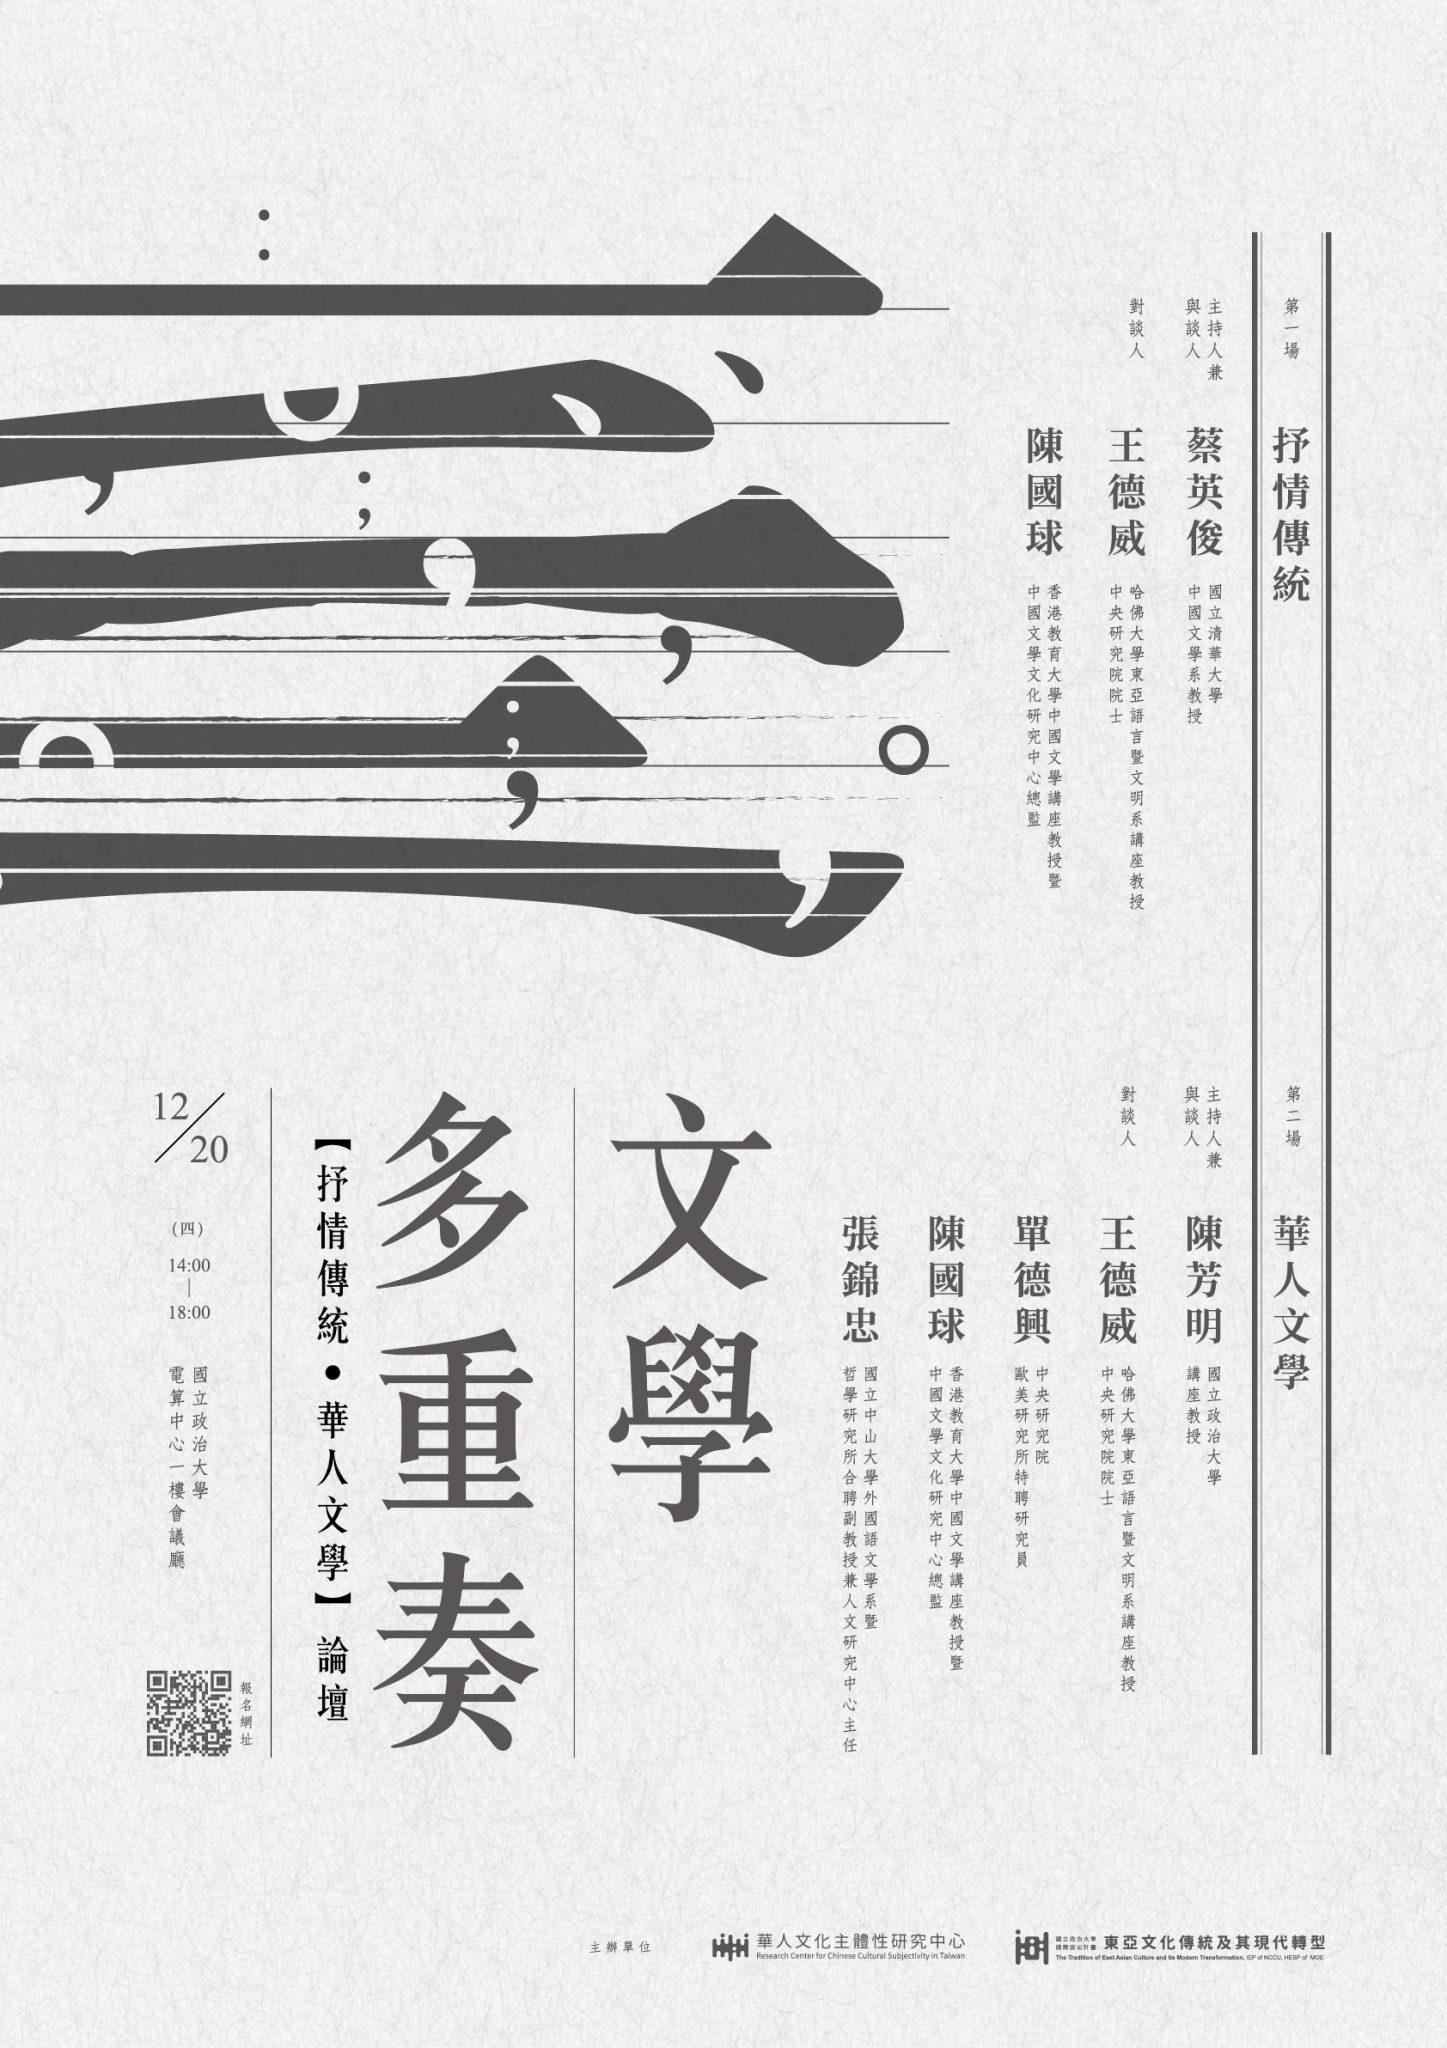 文學多重奏 :「抒情傳統‧華人文學」論壇